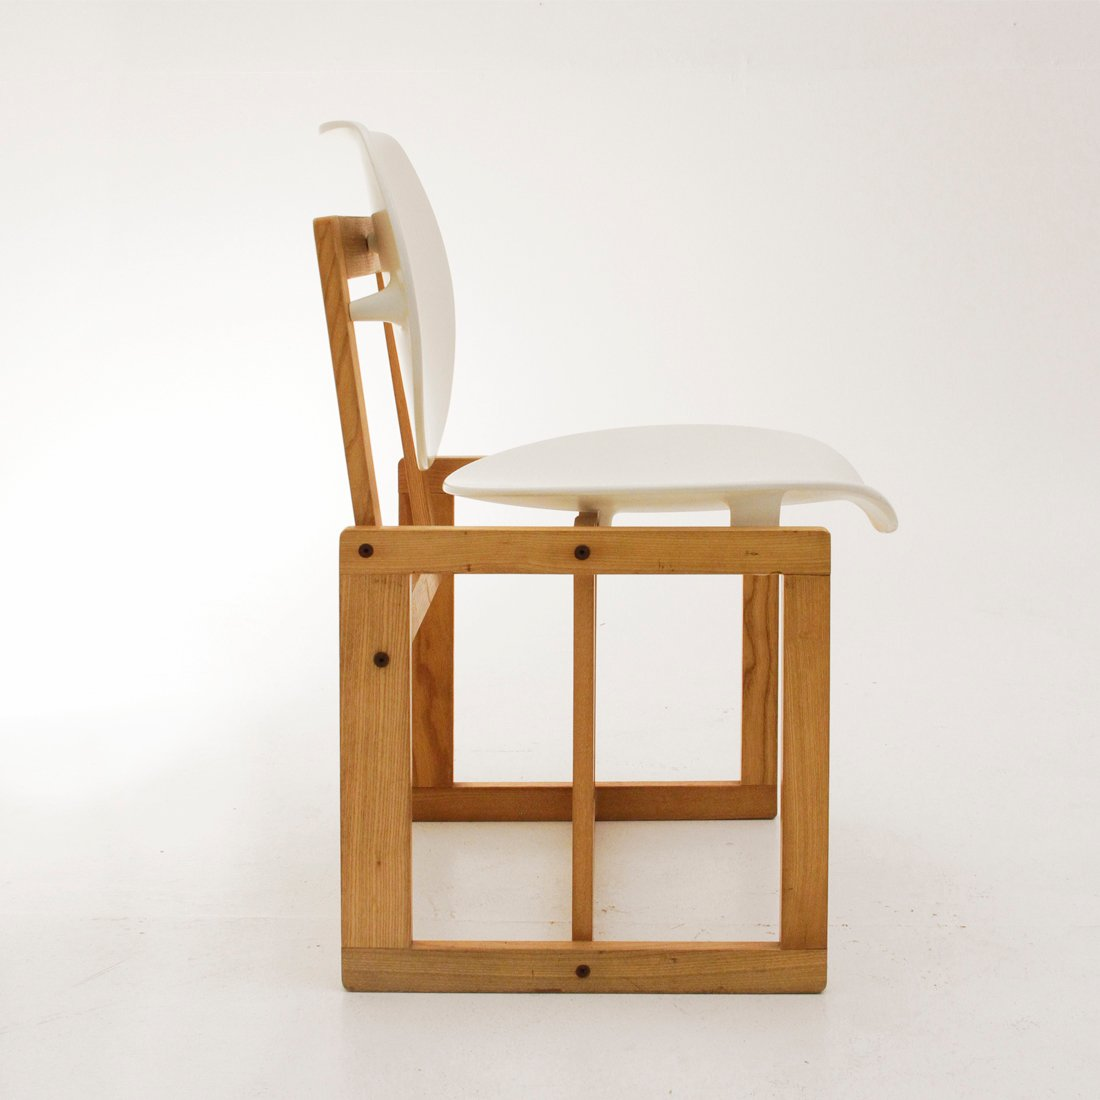 Malerisch Stuhl Holz Referenz Von Italienischer Vintage Aus & Weißem Kunststoff, 1970er